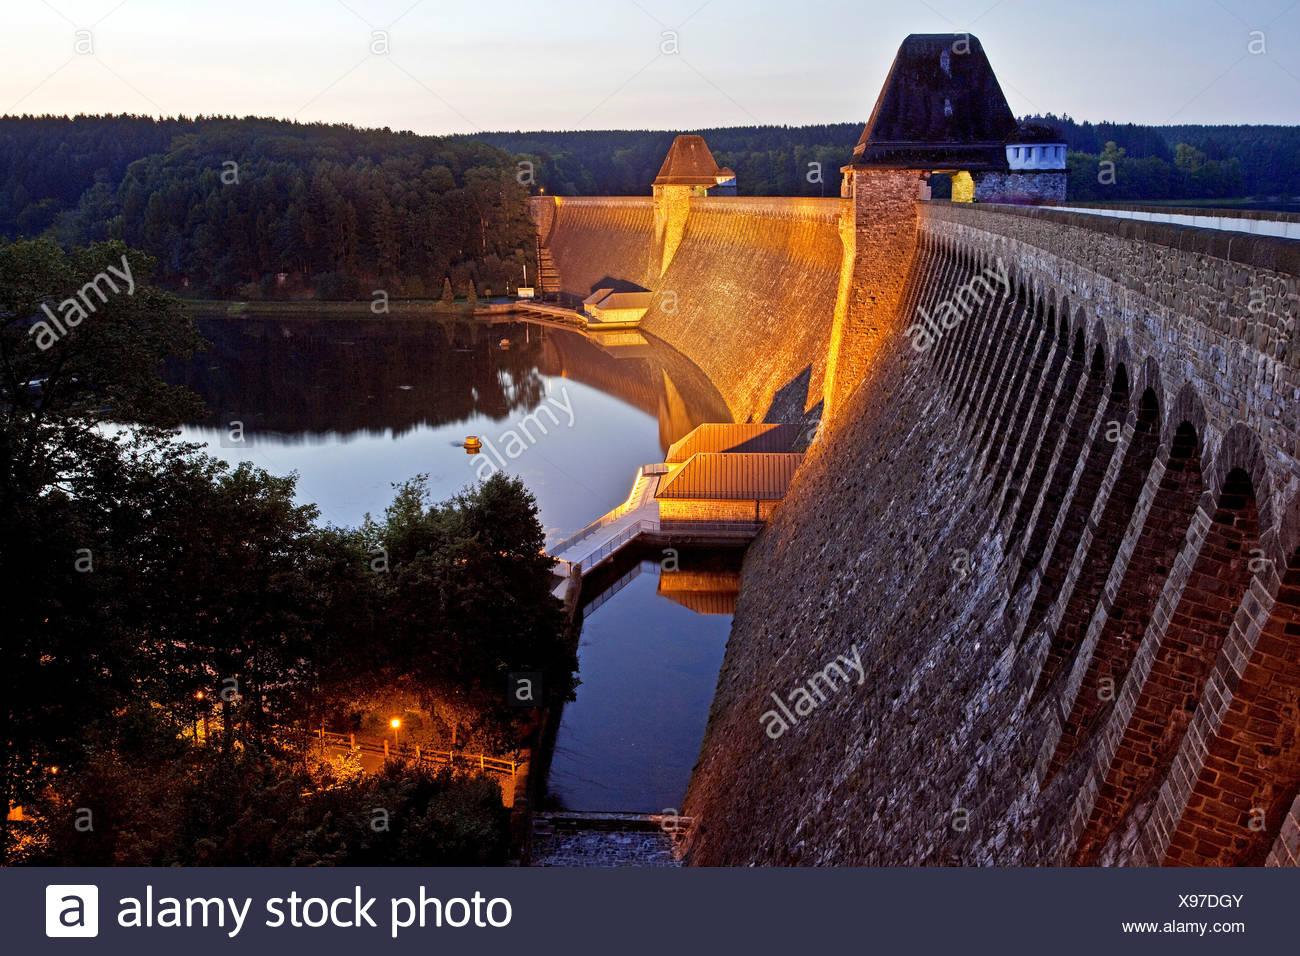 Spotlit dam at dusk, Soest, North Rhine-Westphalia, PublicGround - Stock Image